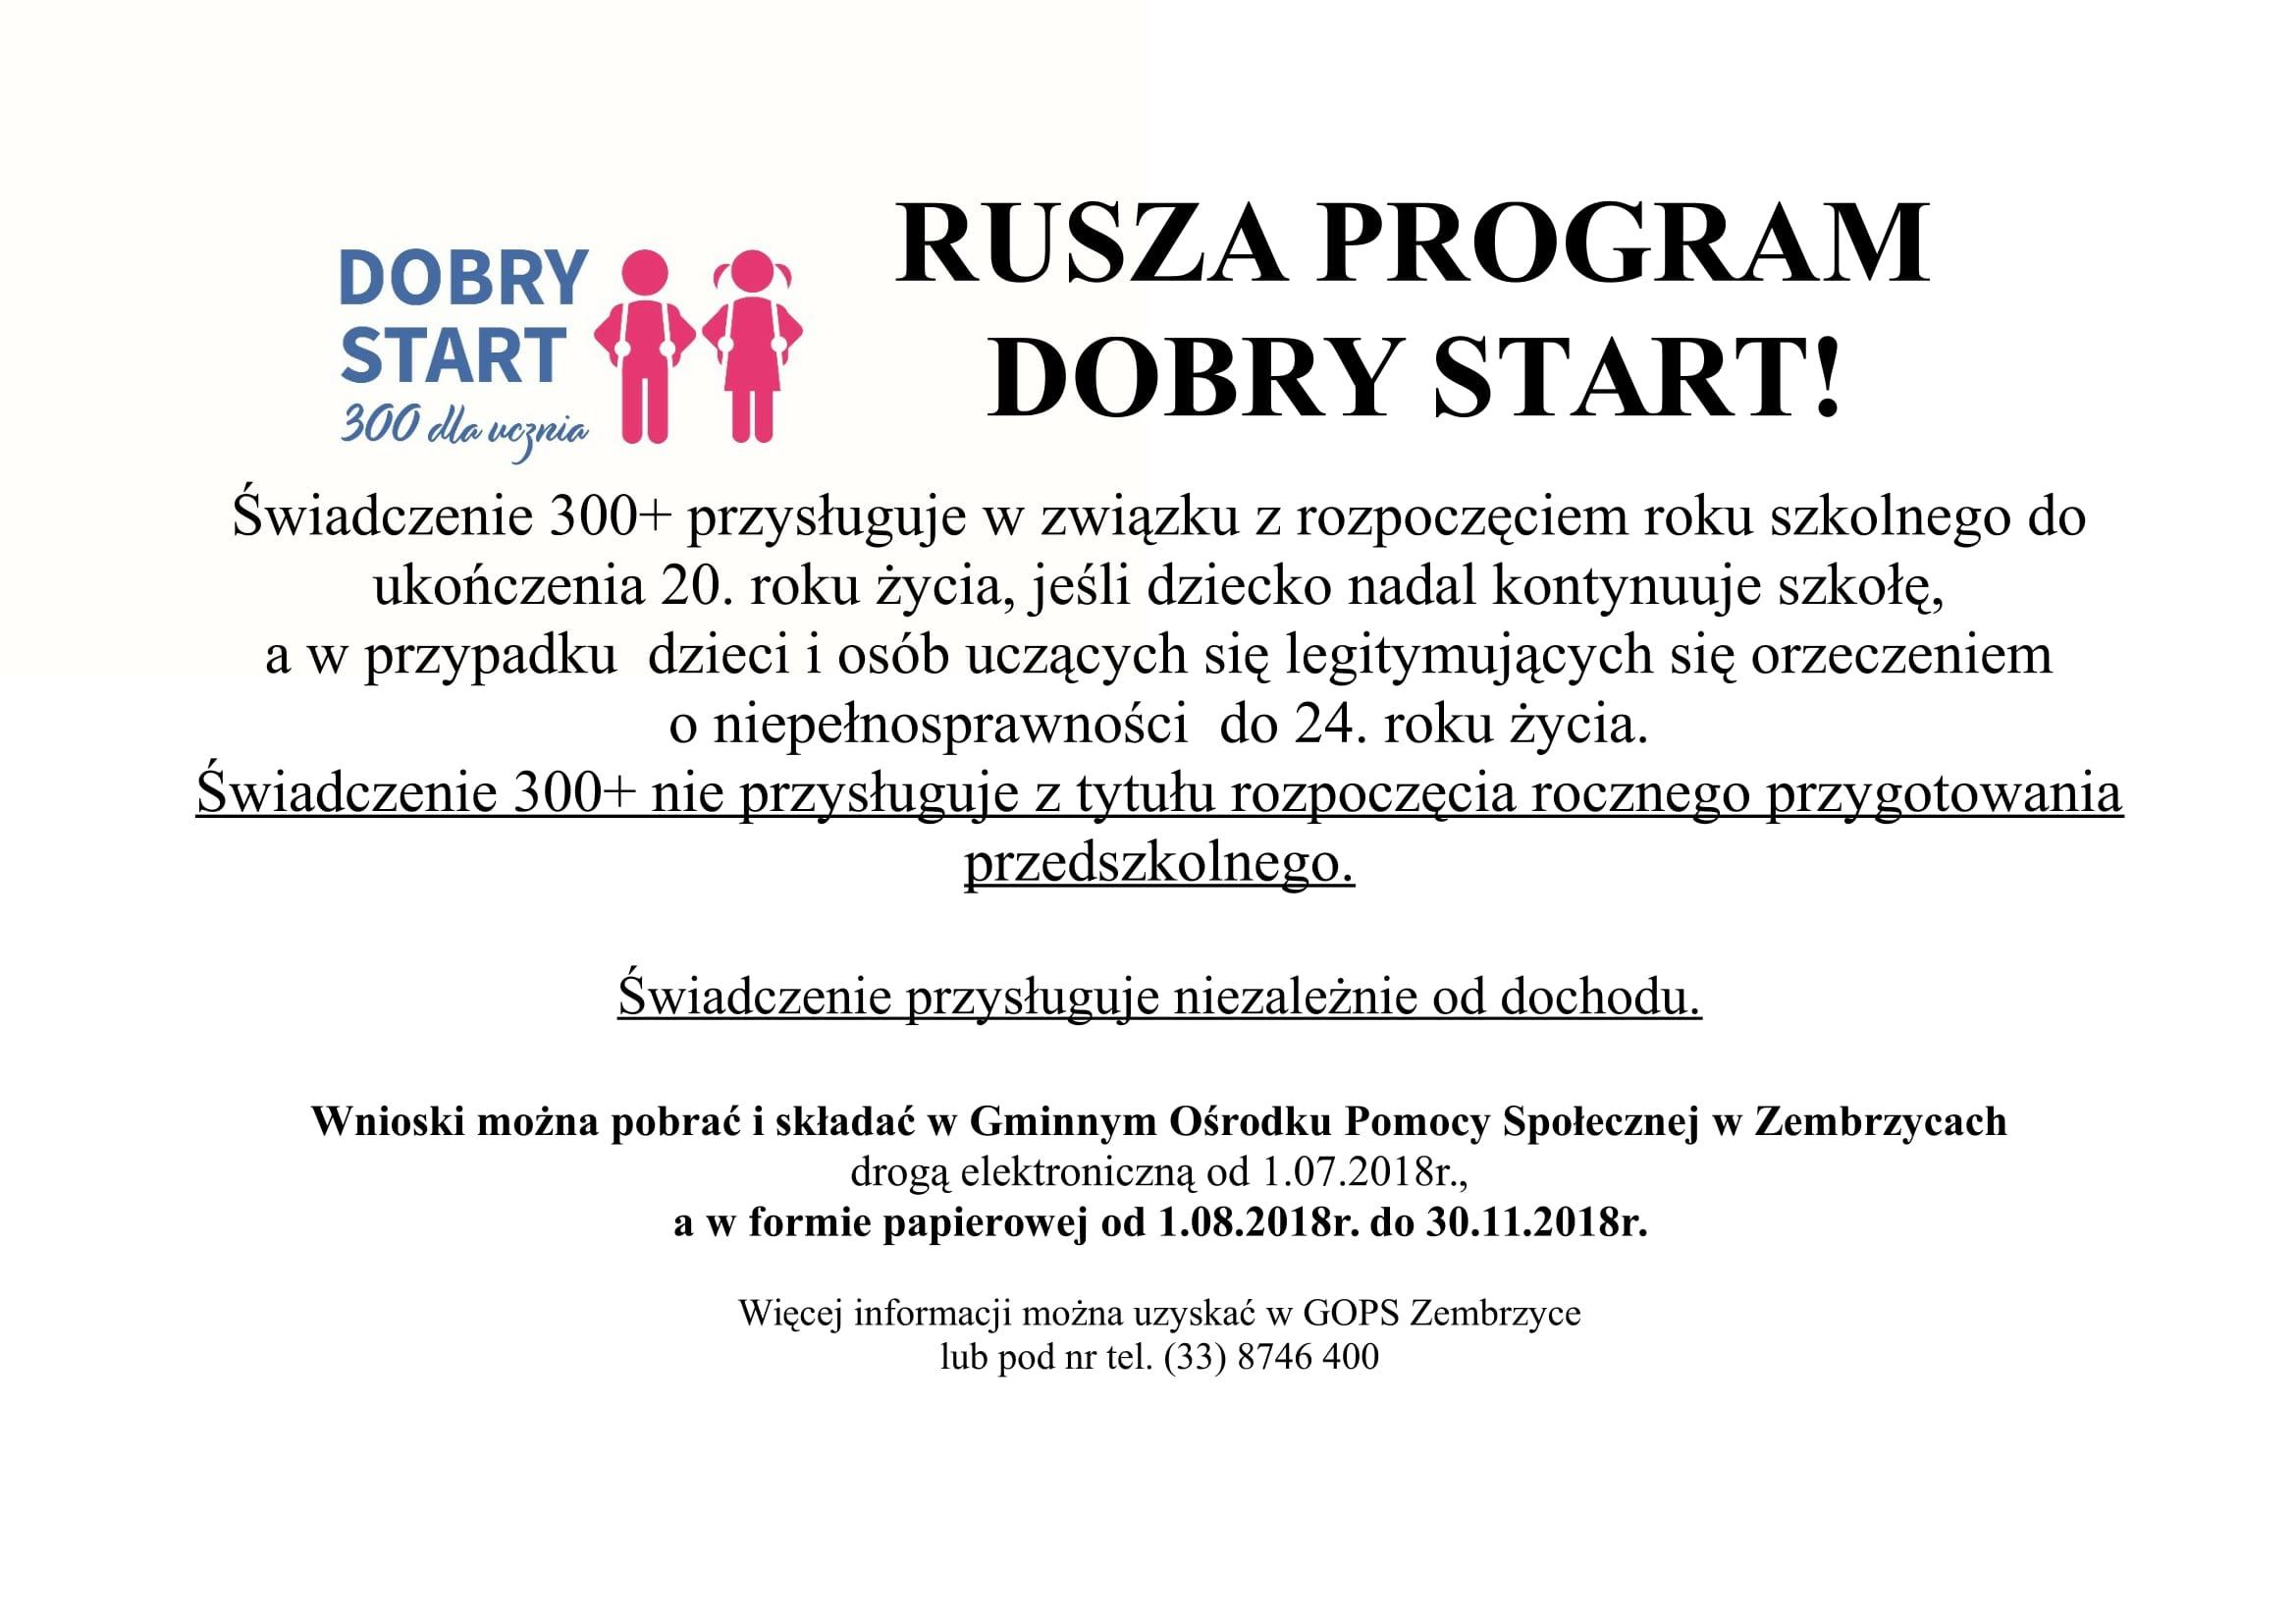 ab63cb4036b05d Gminny Ośrodek Pomocy Społecznej w Zembrzycach informuje, że w ostatnich  dniach Rząd ustanowił program